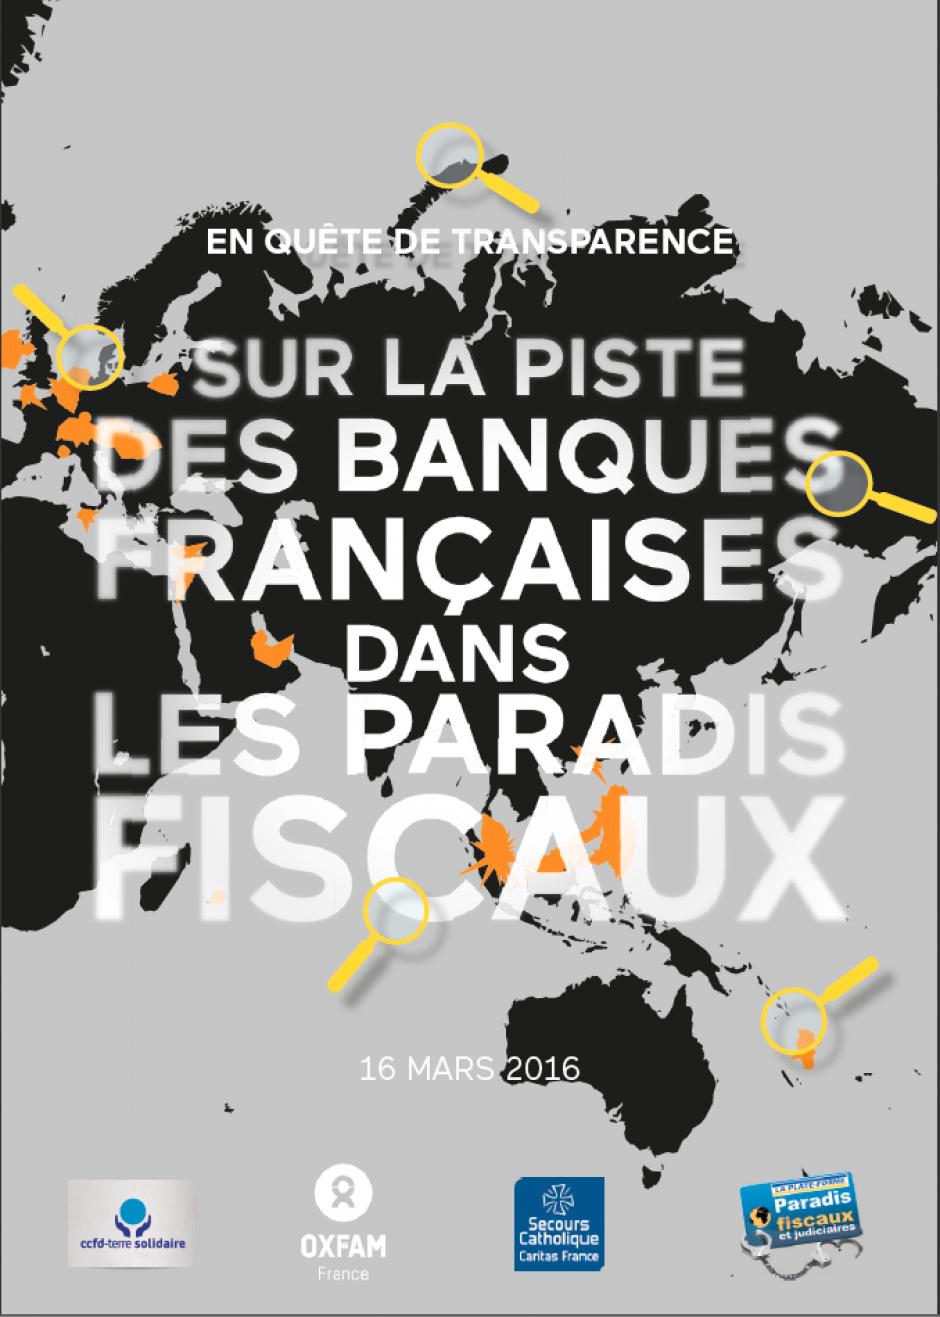 Paradis fiscaux,  la complicité des banques françaises, Gérard Streiff